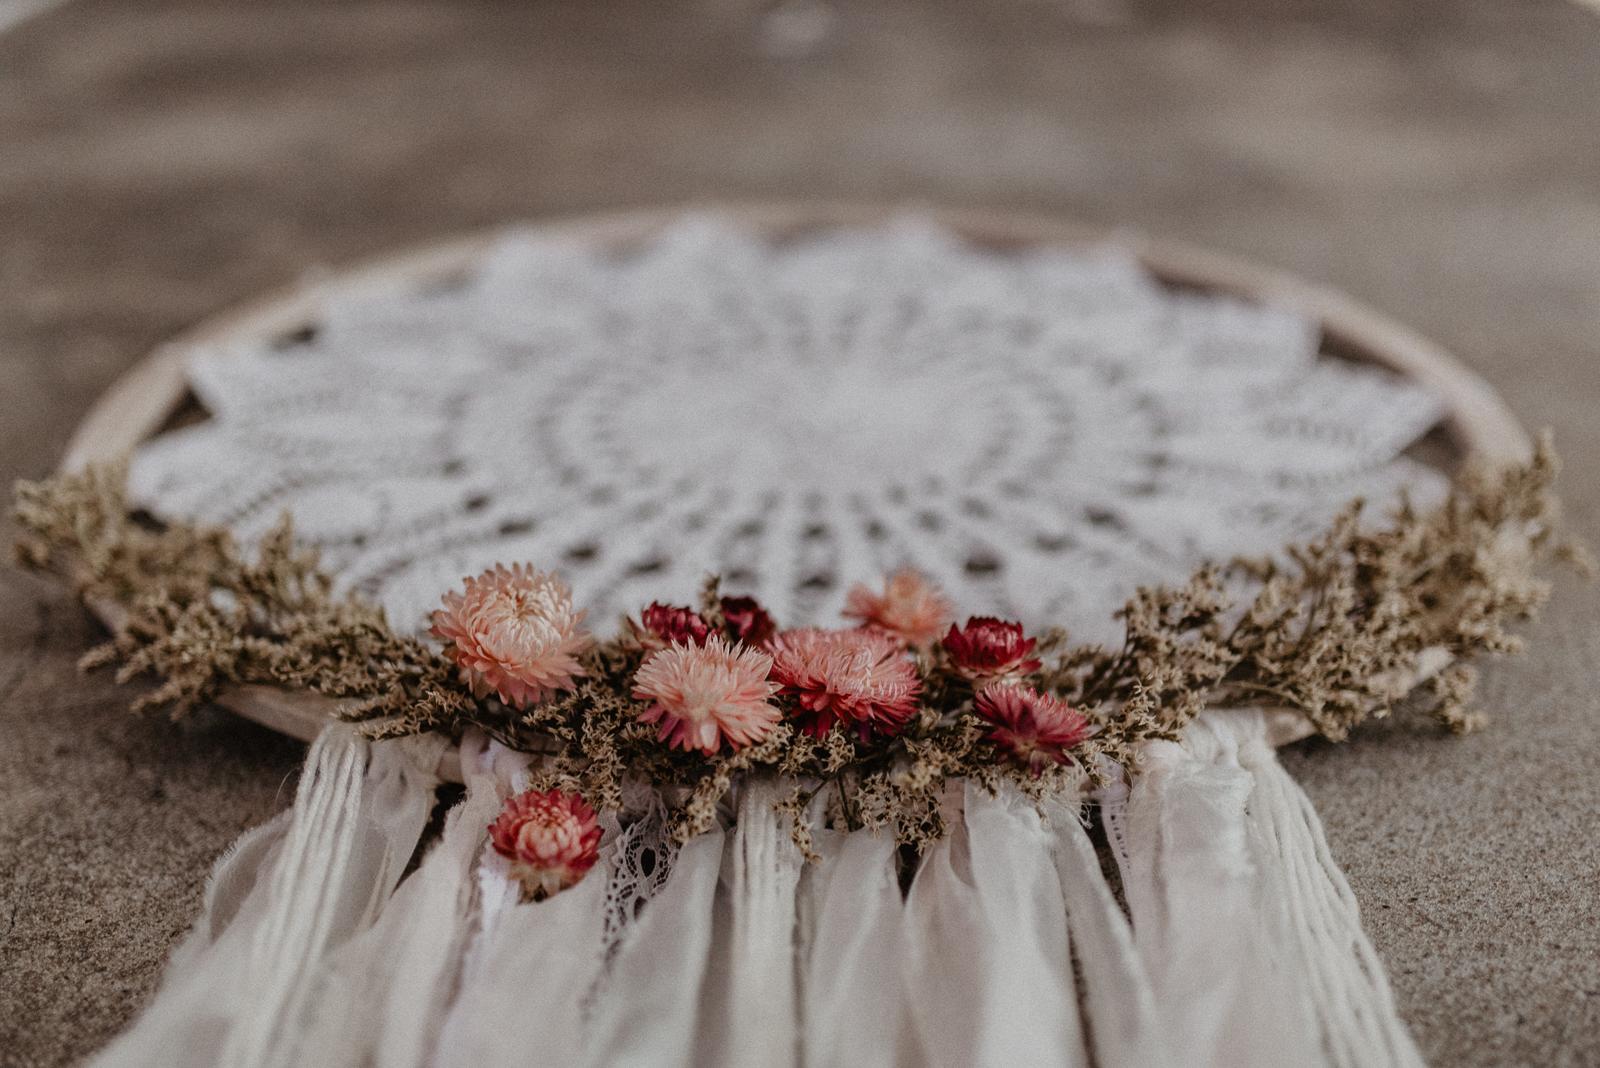 001-tischerie-floraldesign-floristik-tischdeko-hochzeit-hochzeitsdeko-bochum